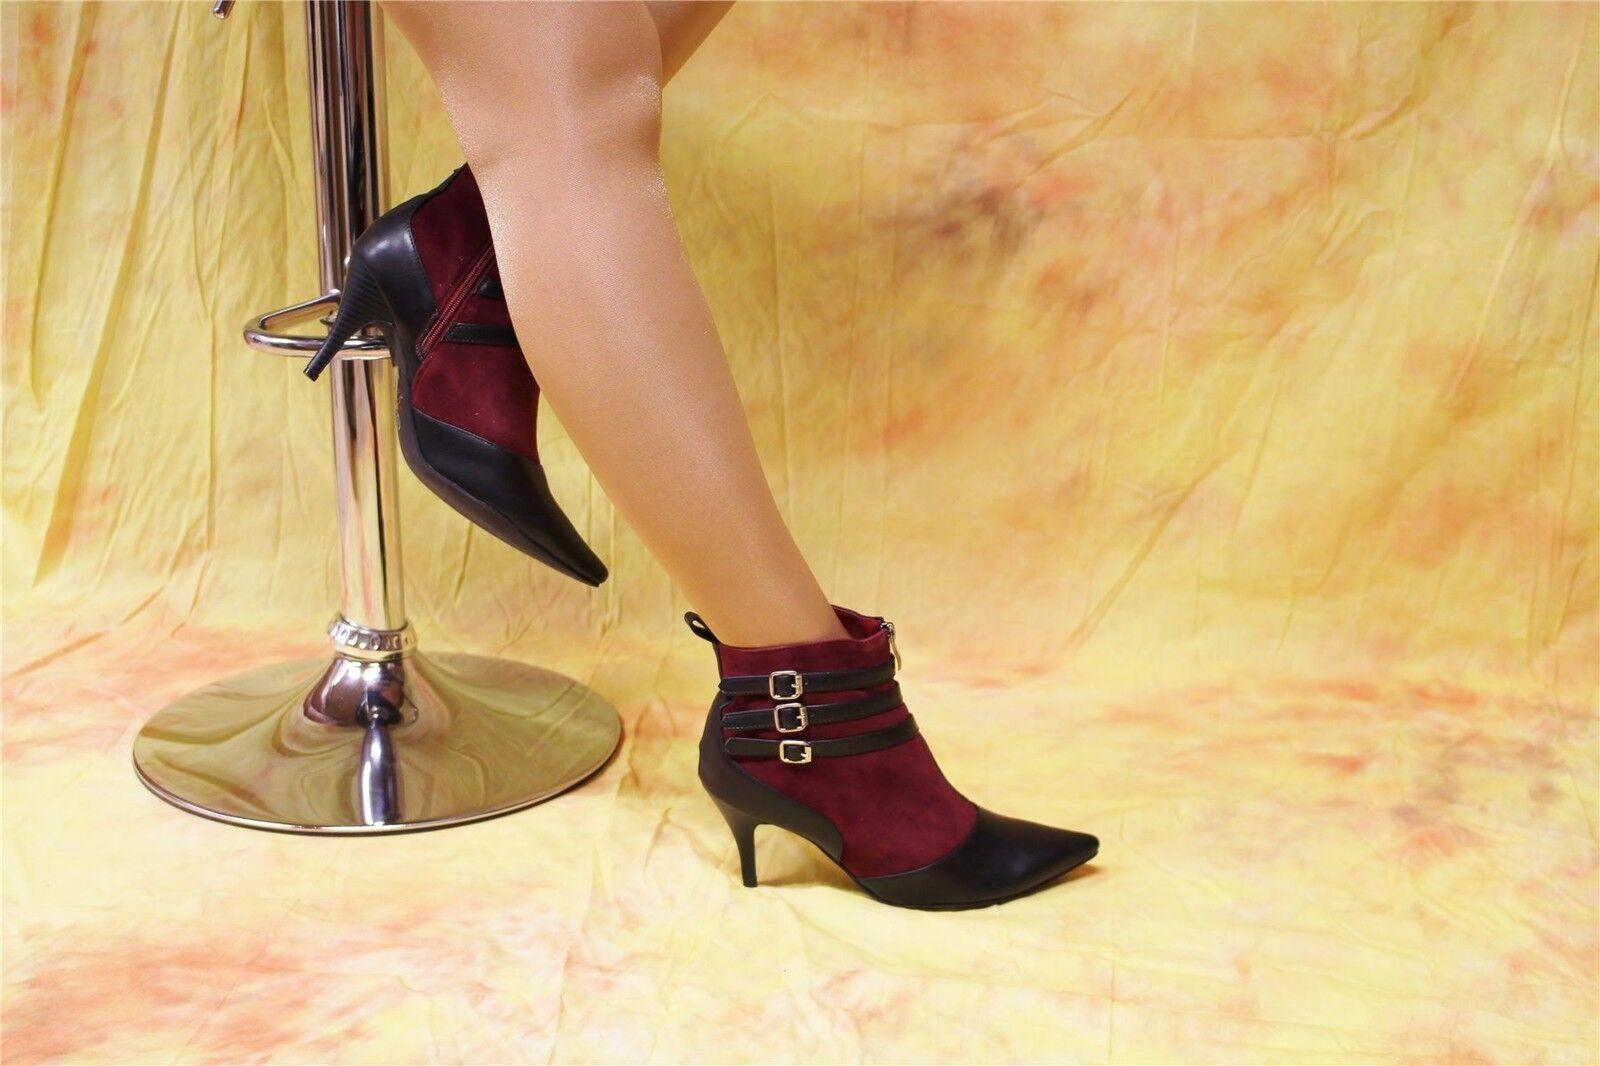 La moda de velourleder botines con zierriemchen negro-burdeos